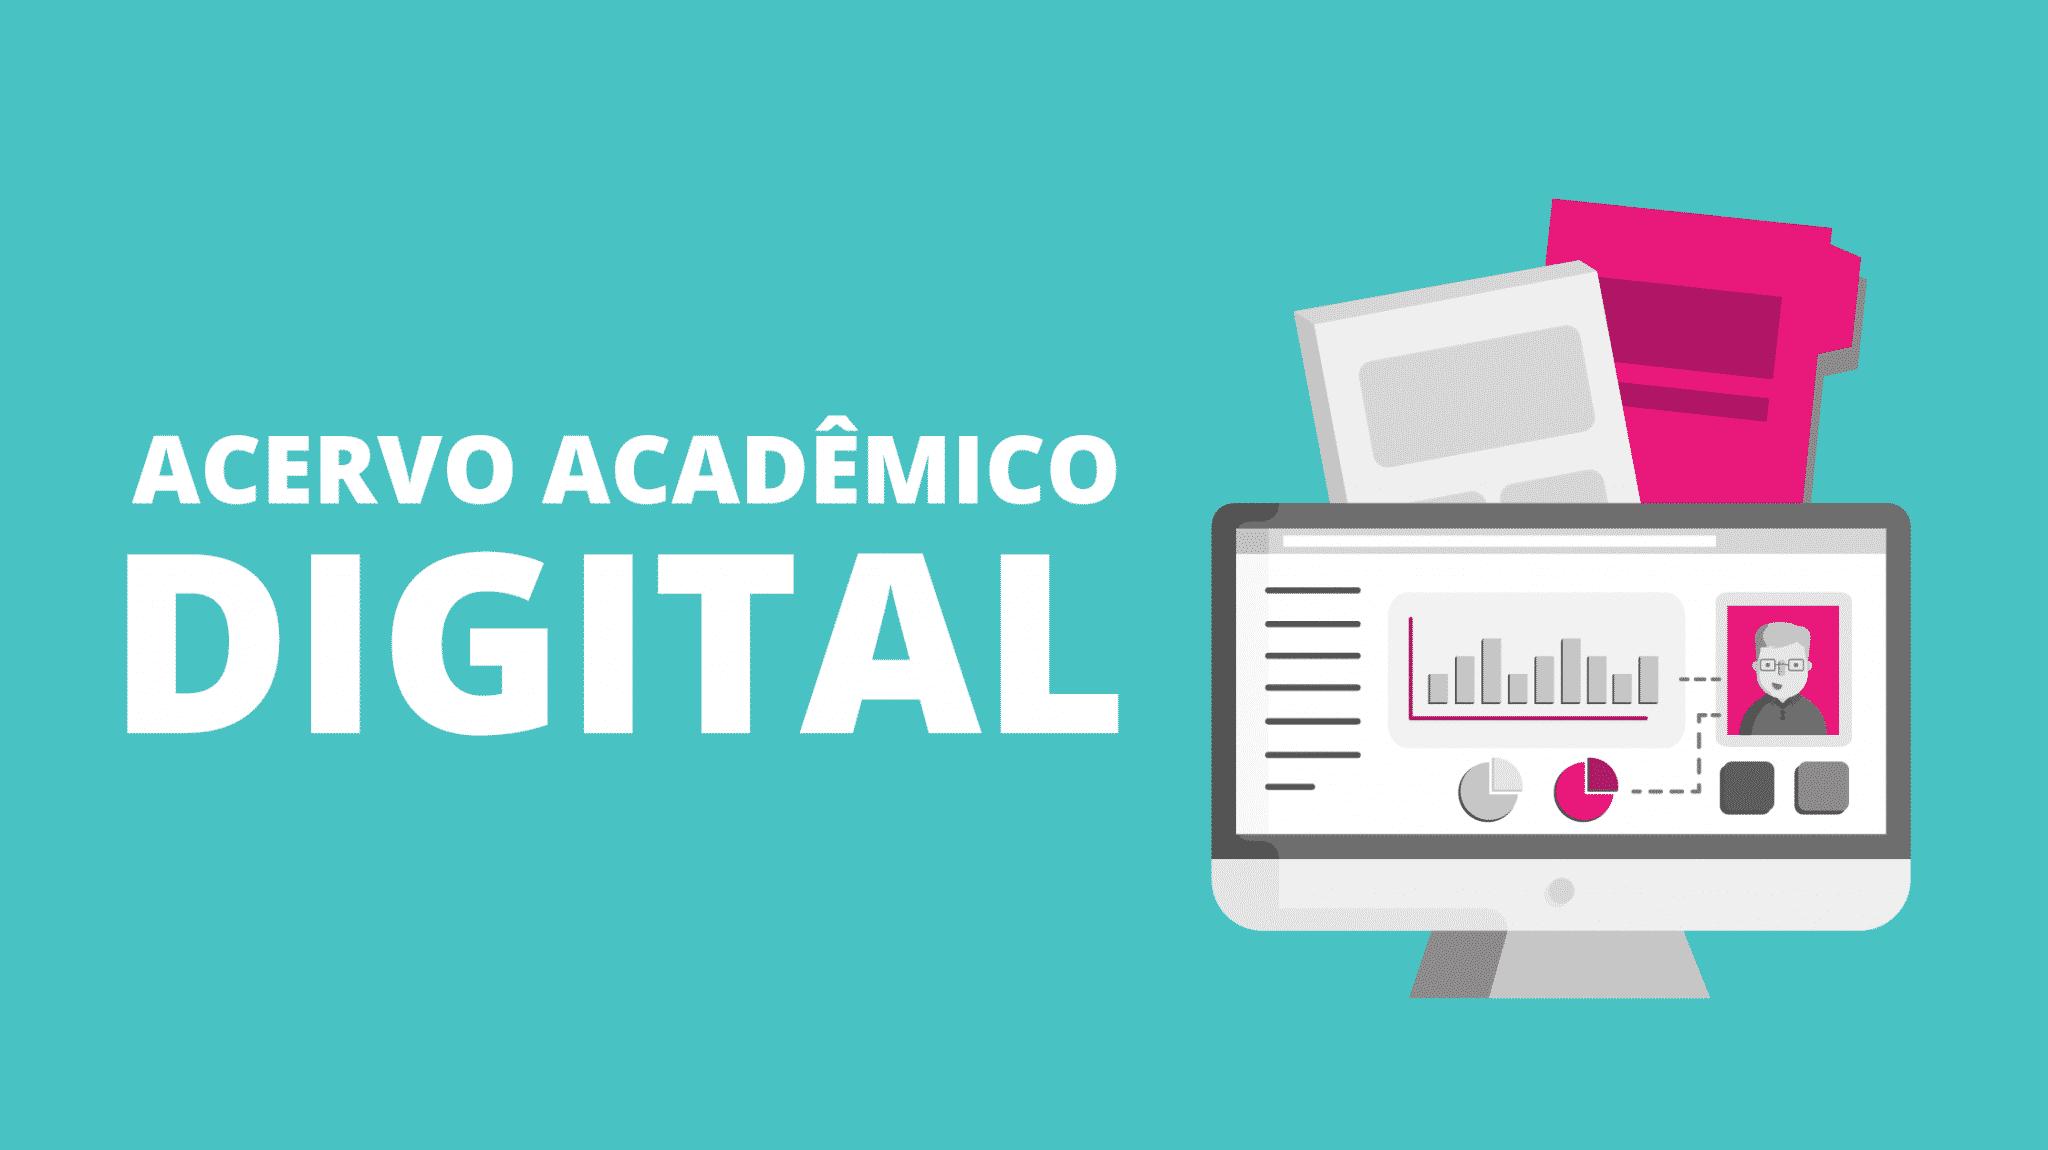 acervo acadêmico digital